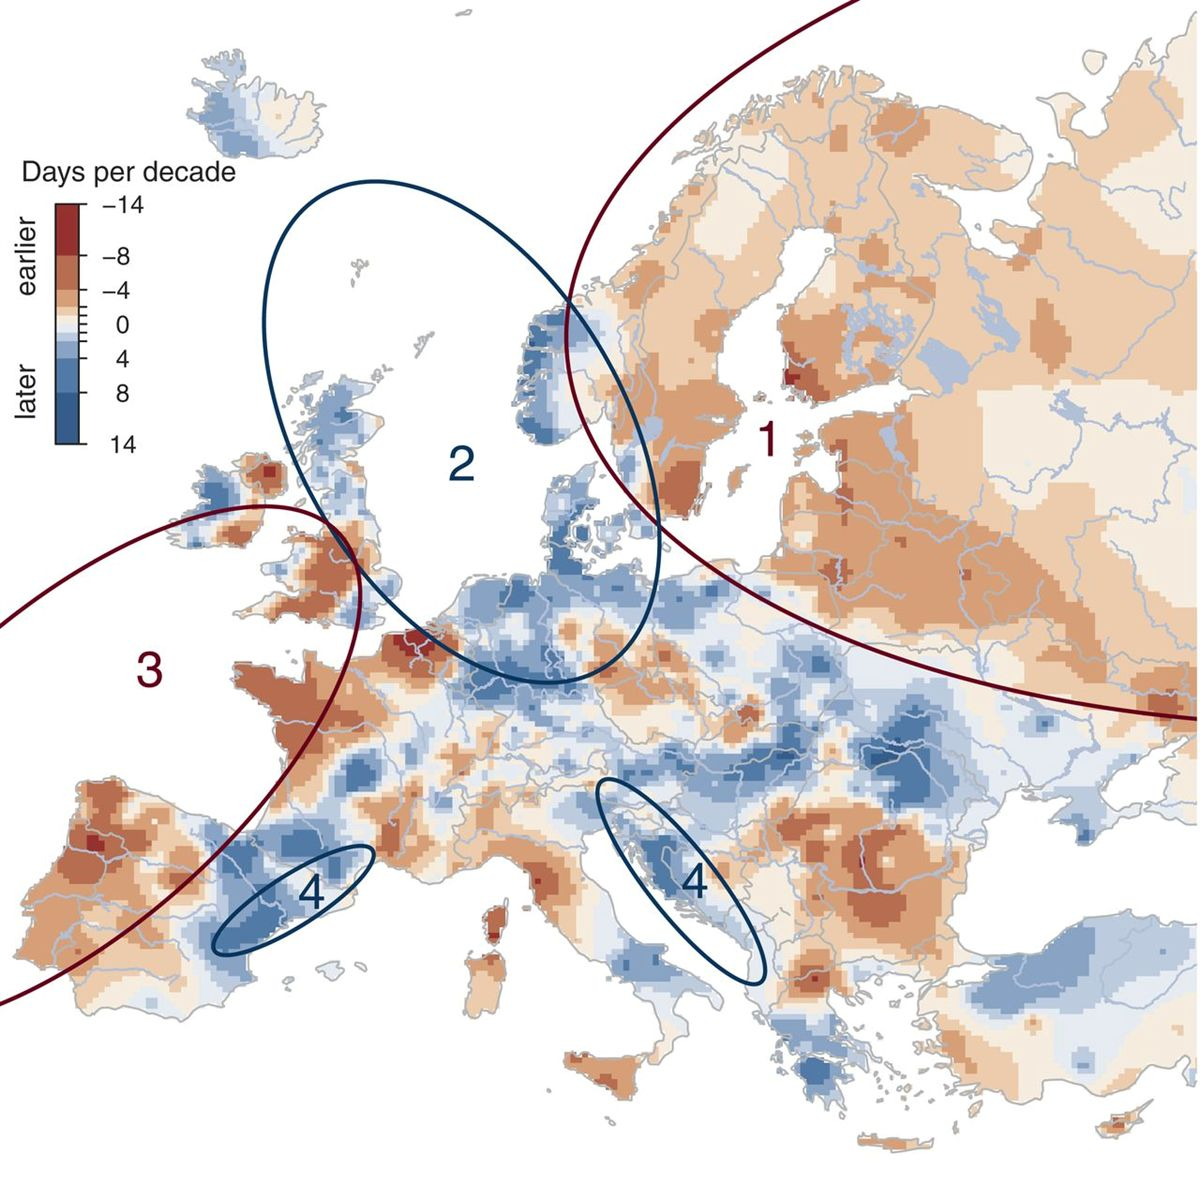 Tendências do período de cheia nos rios europeus